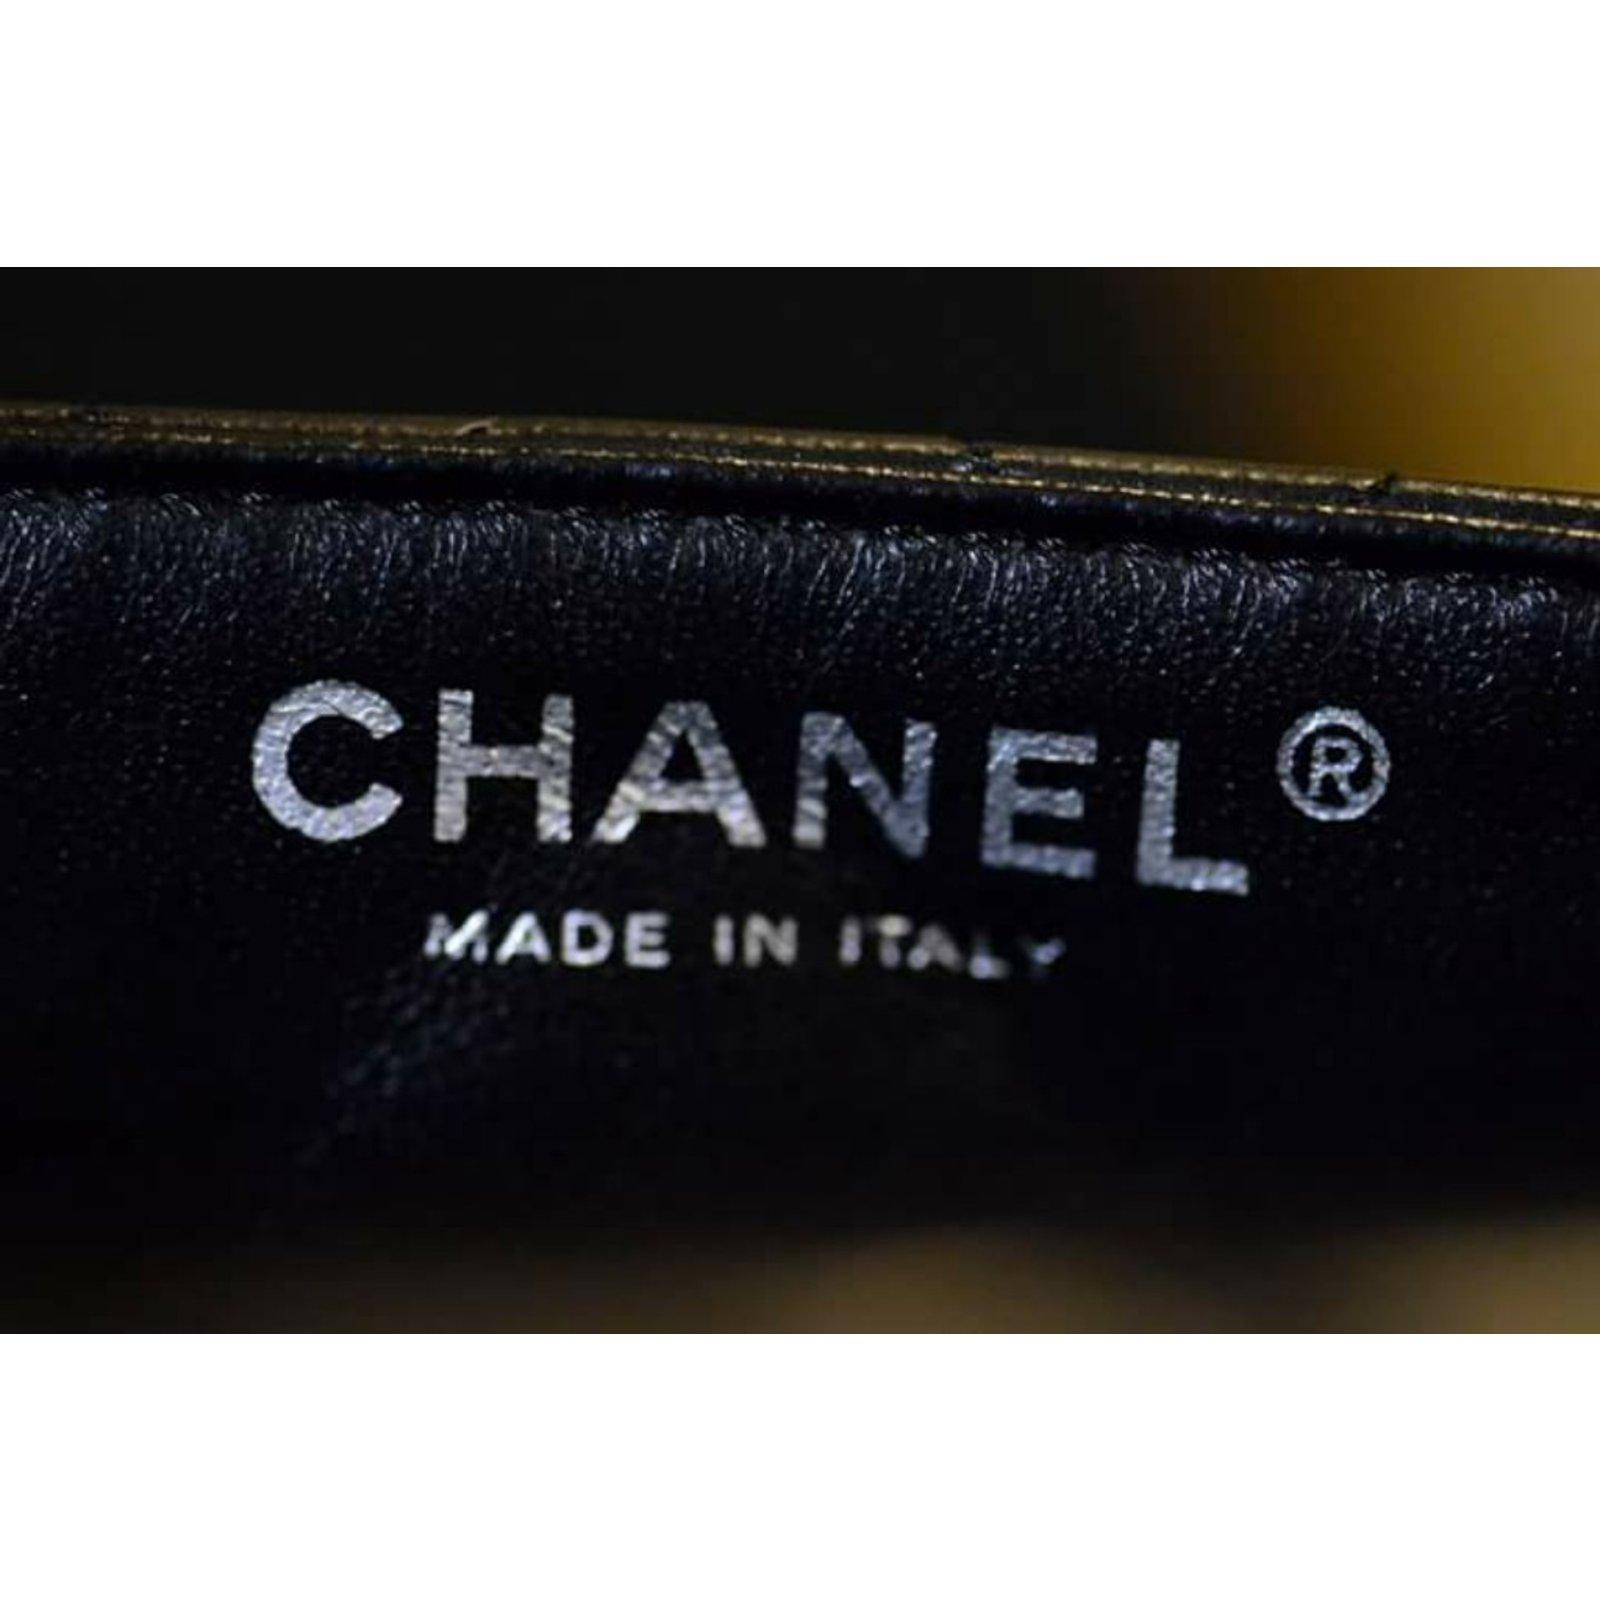 27a2ca4a2a1 Chanel Flap classic Handbags Leather Black ref.58697 - Joli Closet